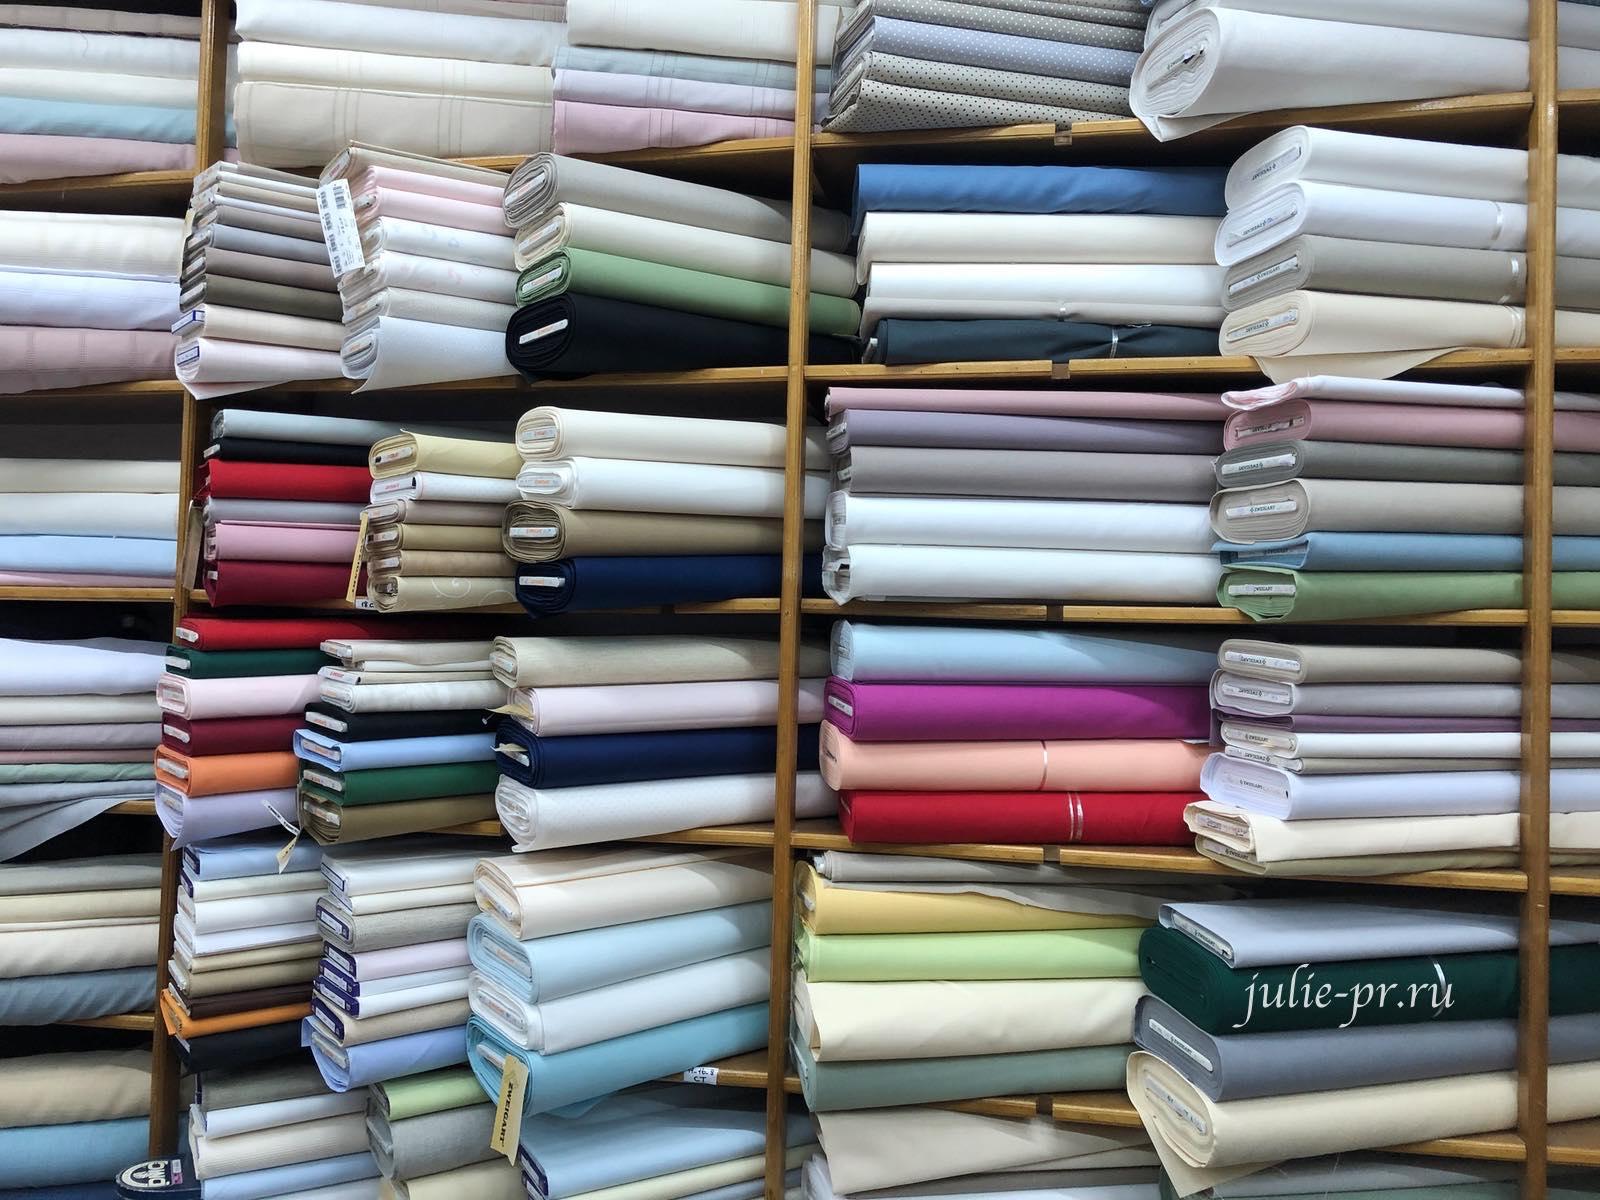 Стамбул, вышивка крестом, рукодельный магазин, Goblen com, Канва Zweigart, равномерка